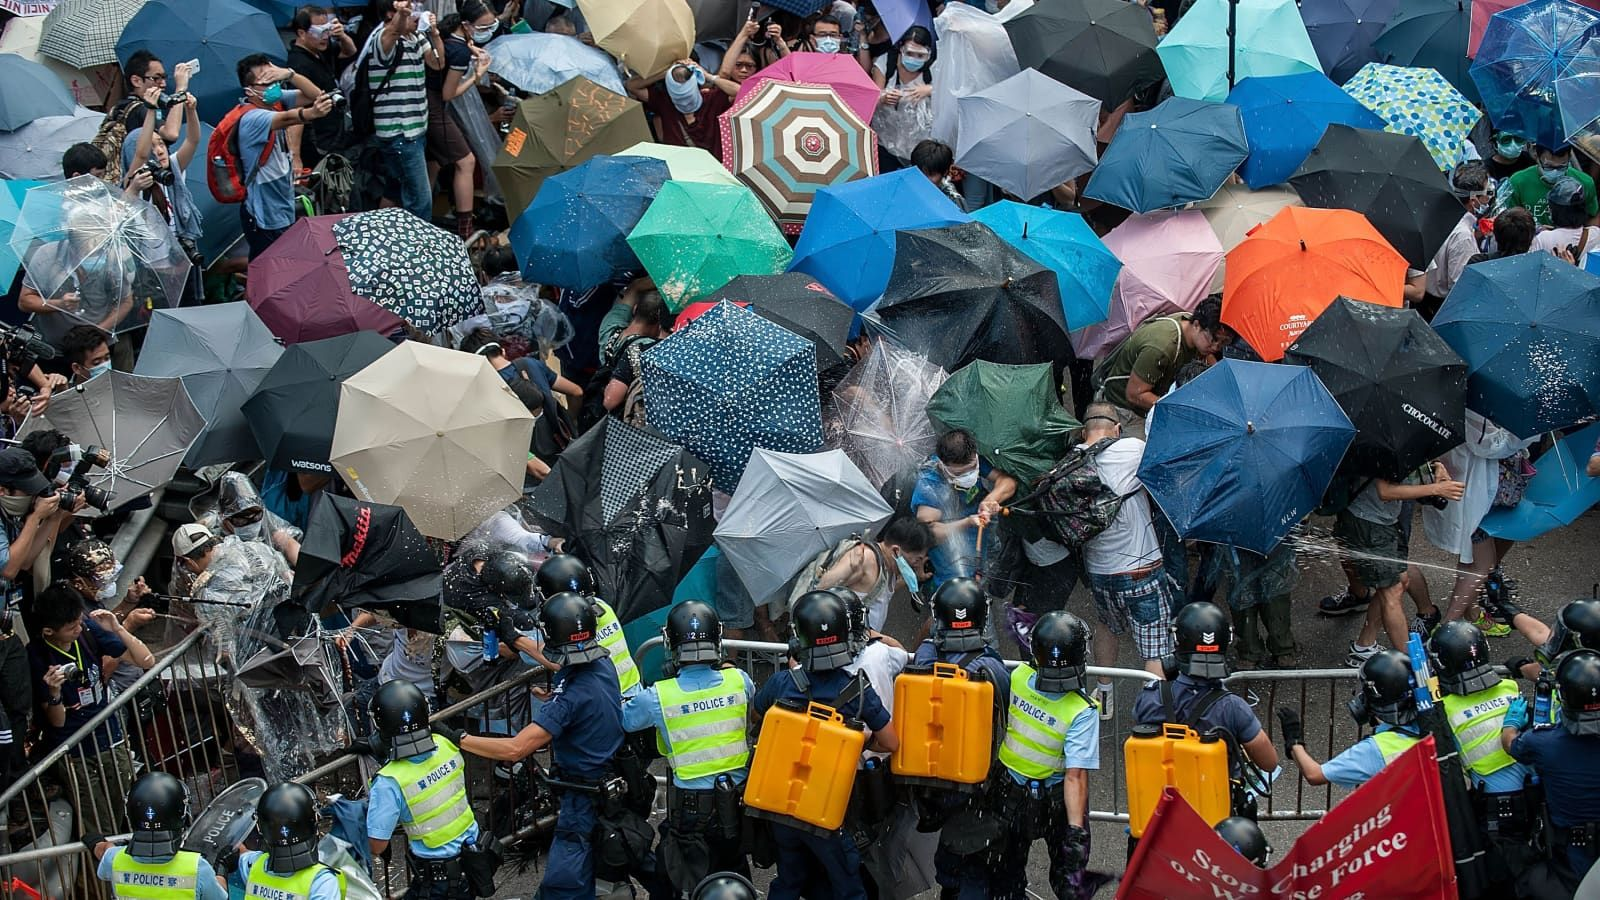 Protestos pró democracia em Hong Kong, cujo símbolo é um guarda-chuva